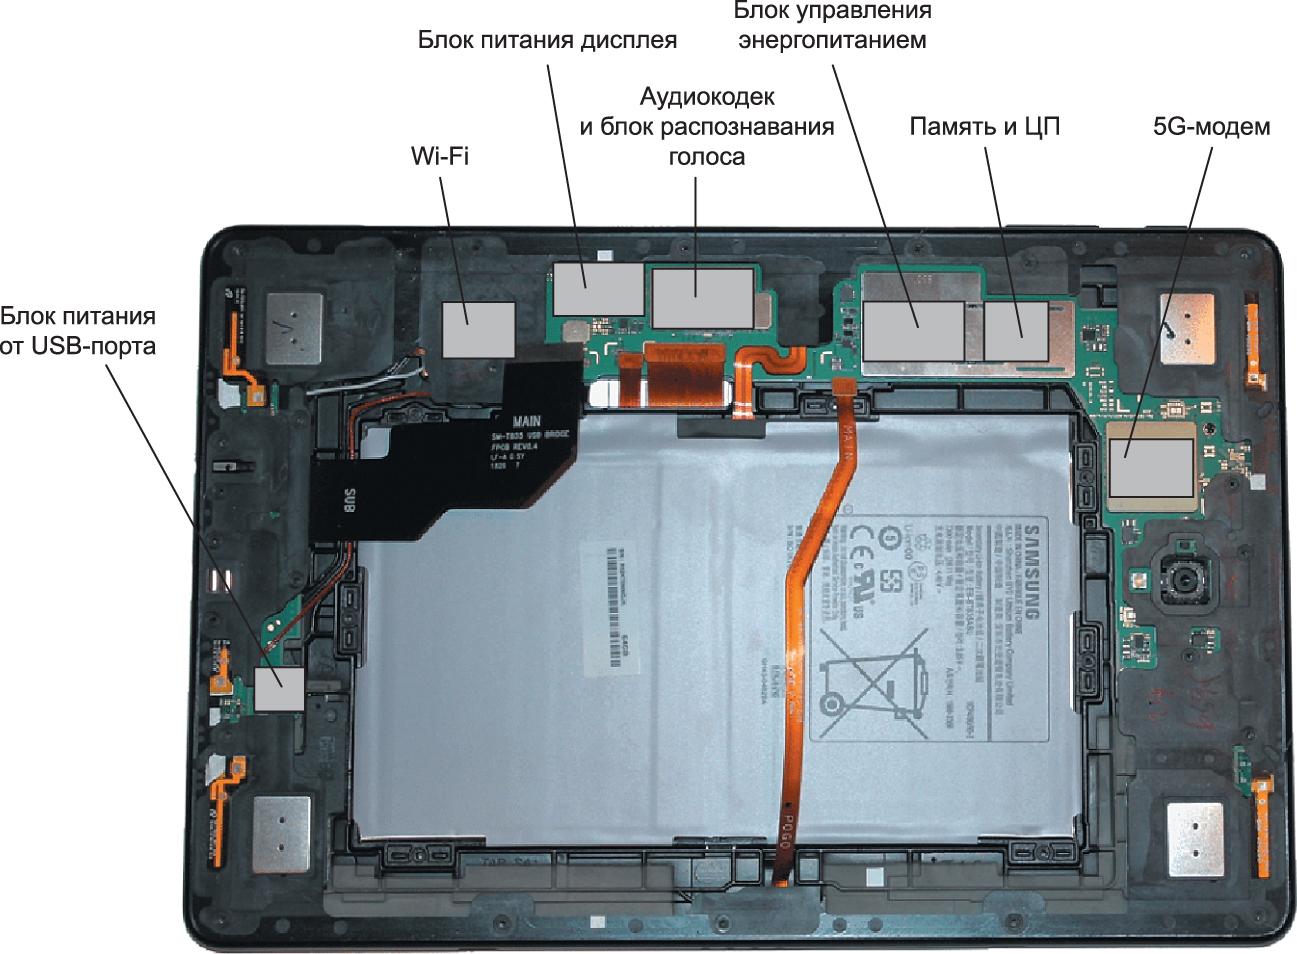 Раньше было вполне достаточно экранировать пару ключевых цепей, но разработчики планшета Galaxy Tab S4 LTE, чтобы гарантированно обеспечить требования по ЭМС, заэкранировали буквально каждый блок. Четыре прямоугольных серебряных элемента по углам — это динамики, а не цепи